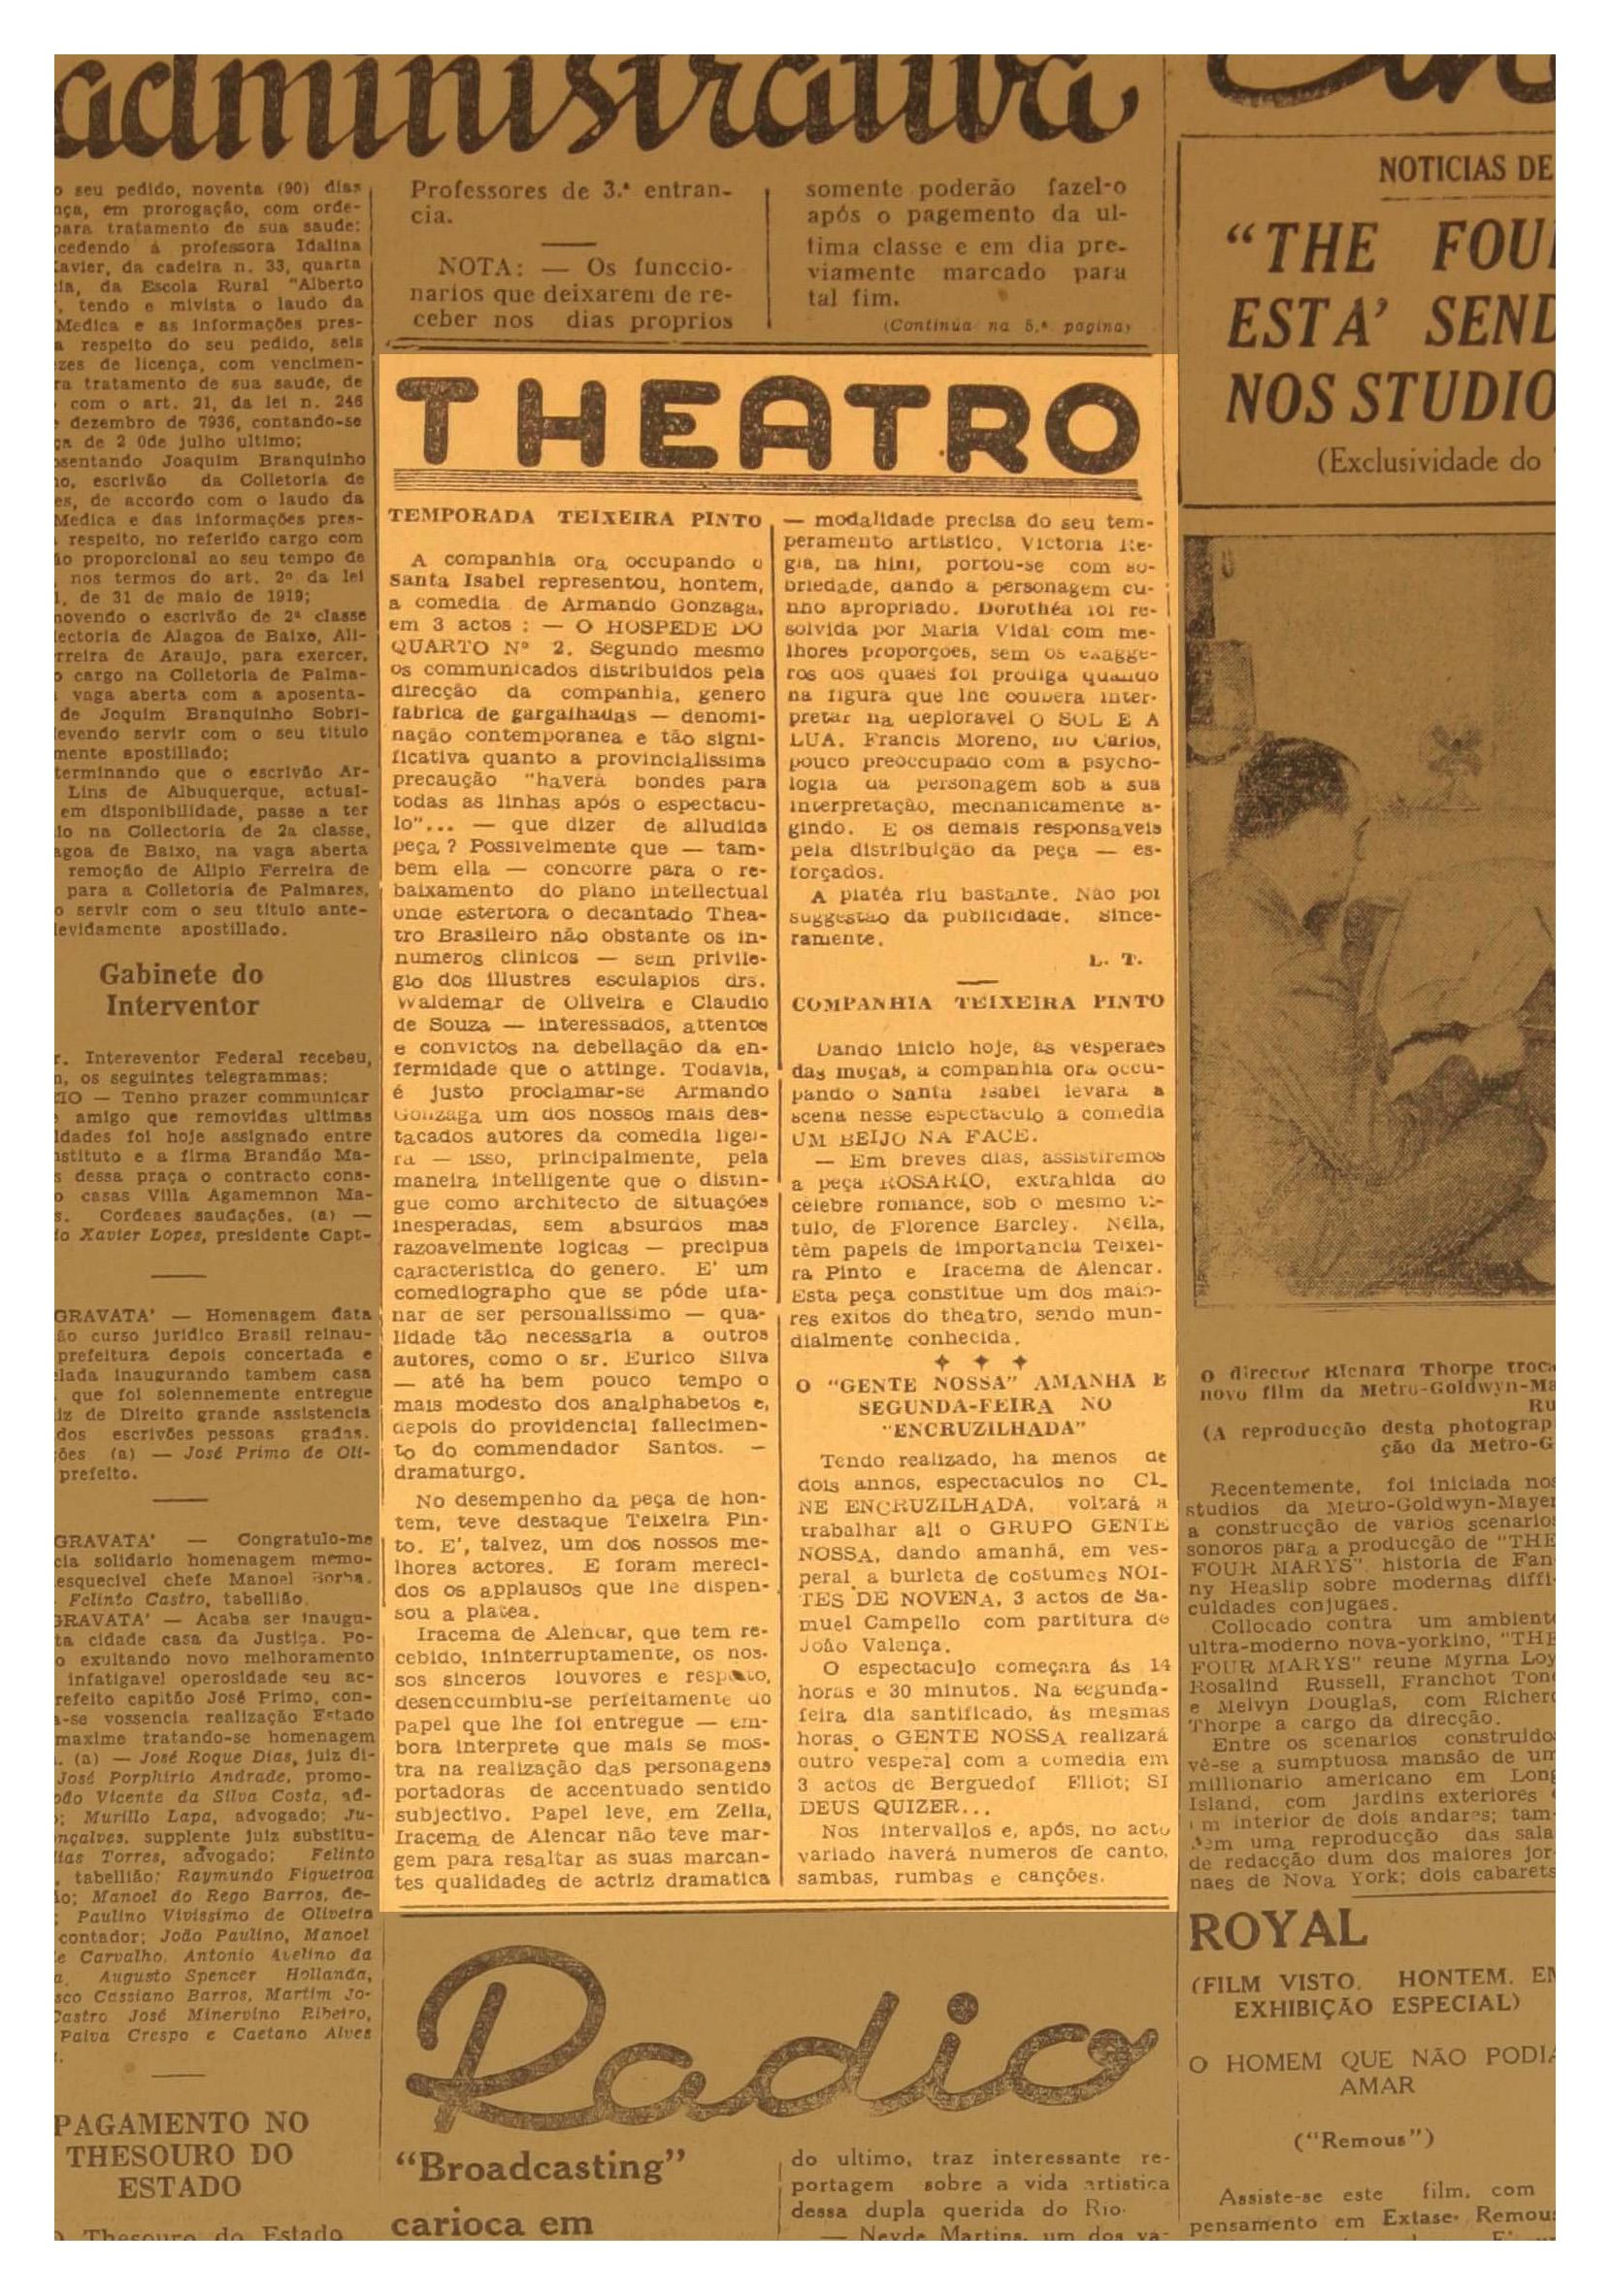 Maria-Vidal-1938-08-13_DiárioDaManhã_Recife-PE-2-copy1.jpg